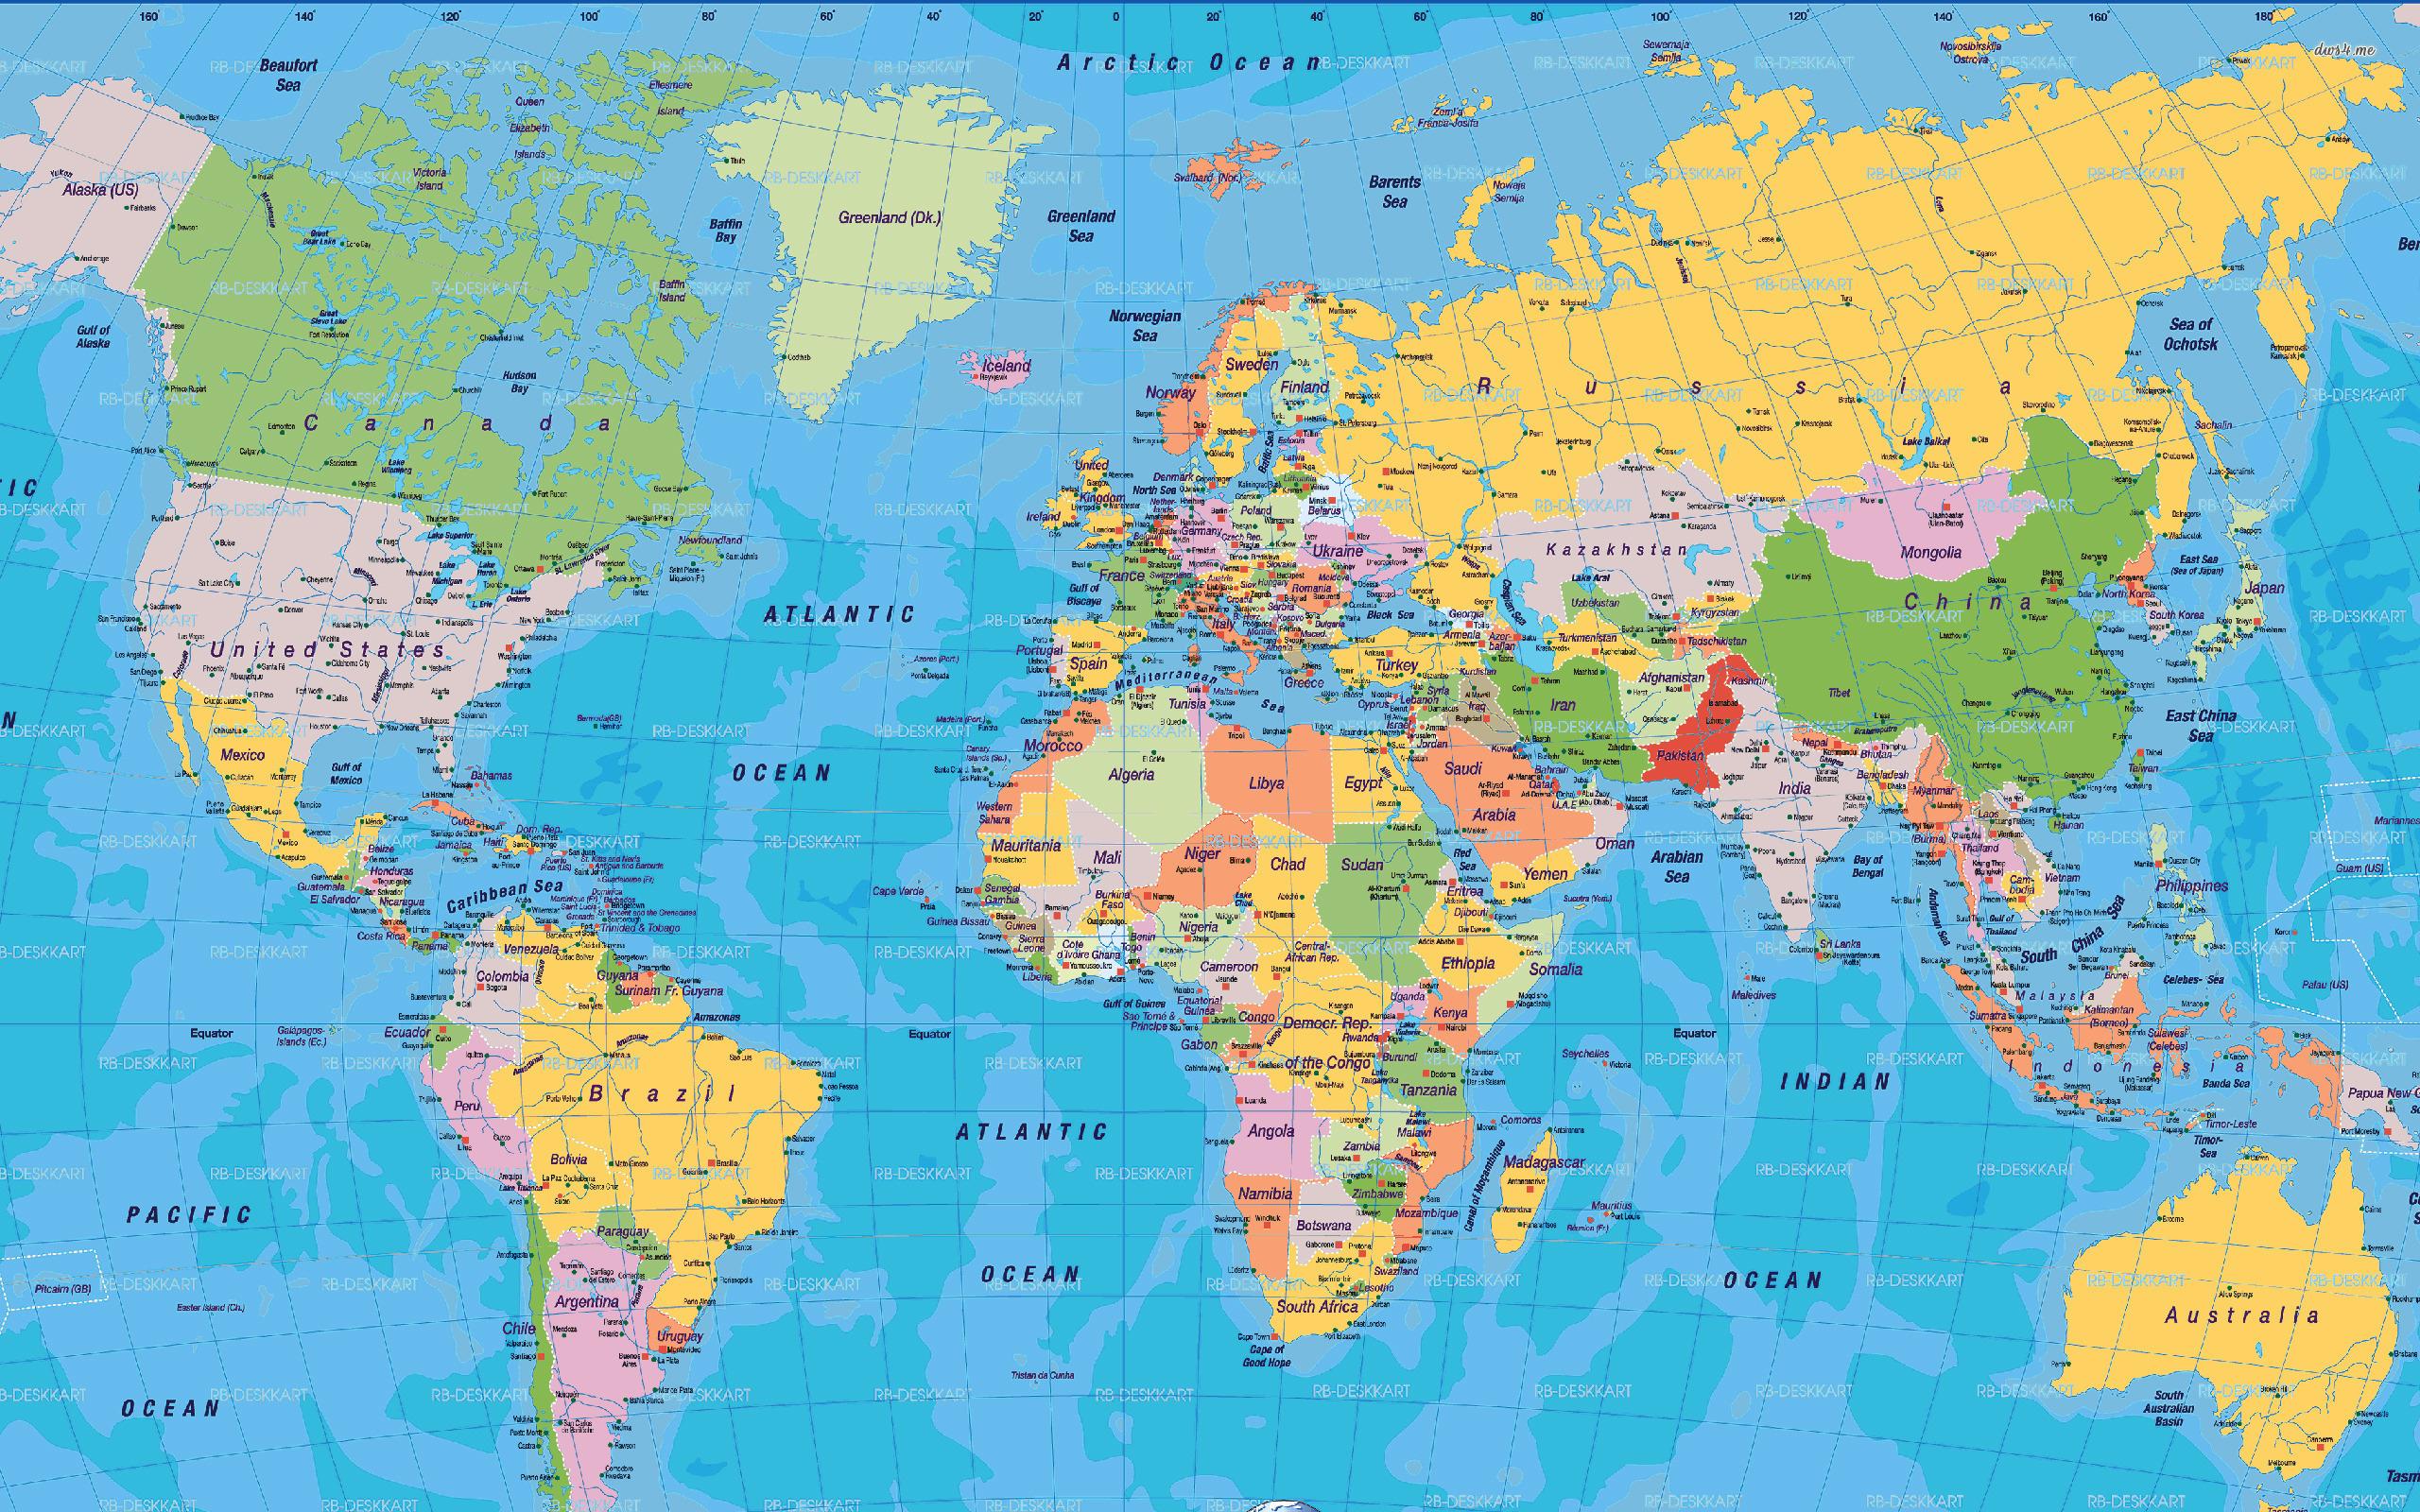 Inca O ţară Dispare De Pe Harta Lumii Sm Live